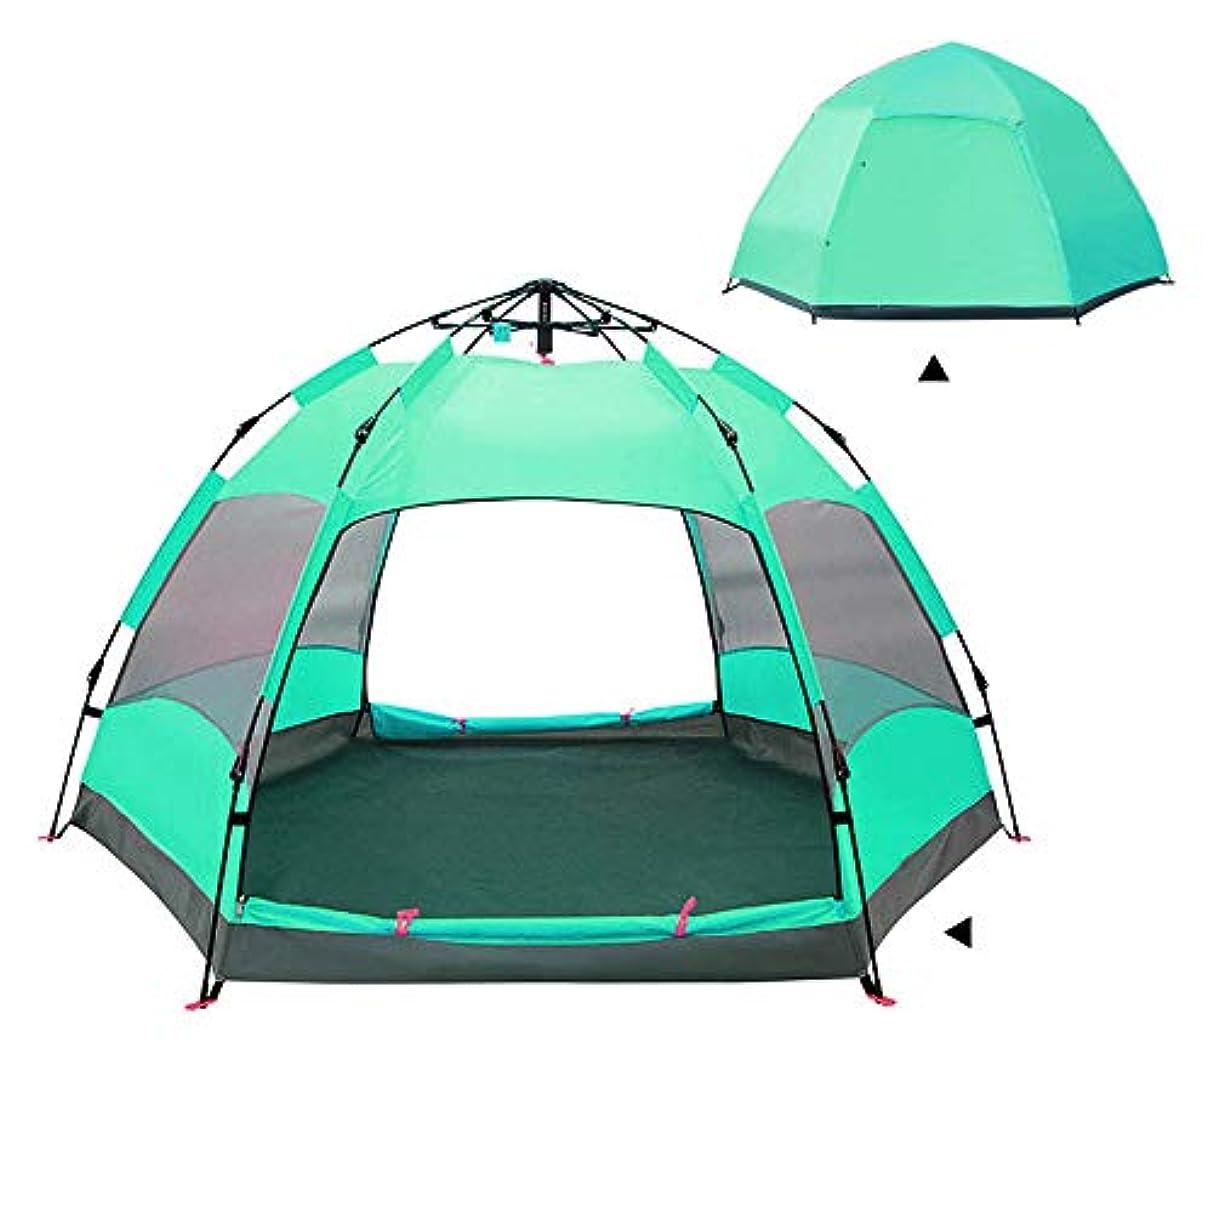 汚す星完璧なキャンプテント 大容量キャンプバックパックテント軽量防水二層ポップアップ自動テント 軽量で便利なテント (Color : Green)